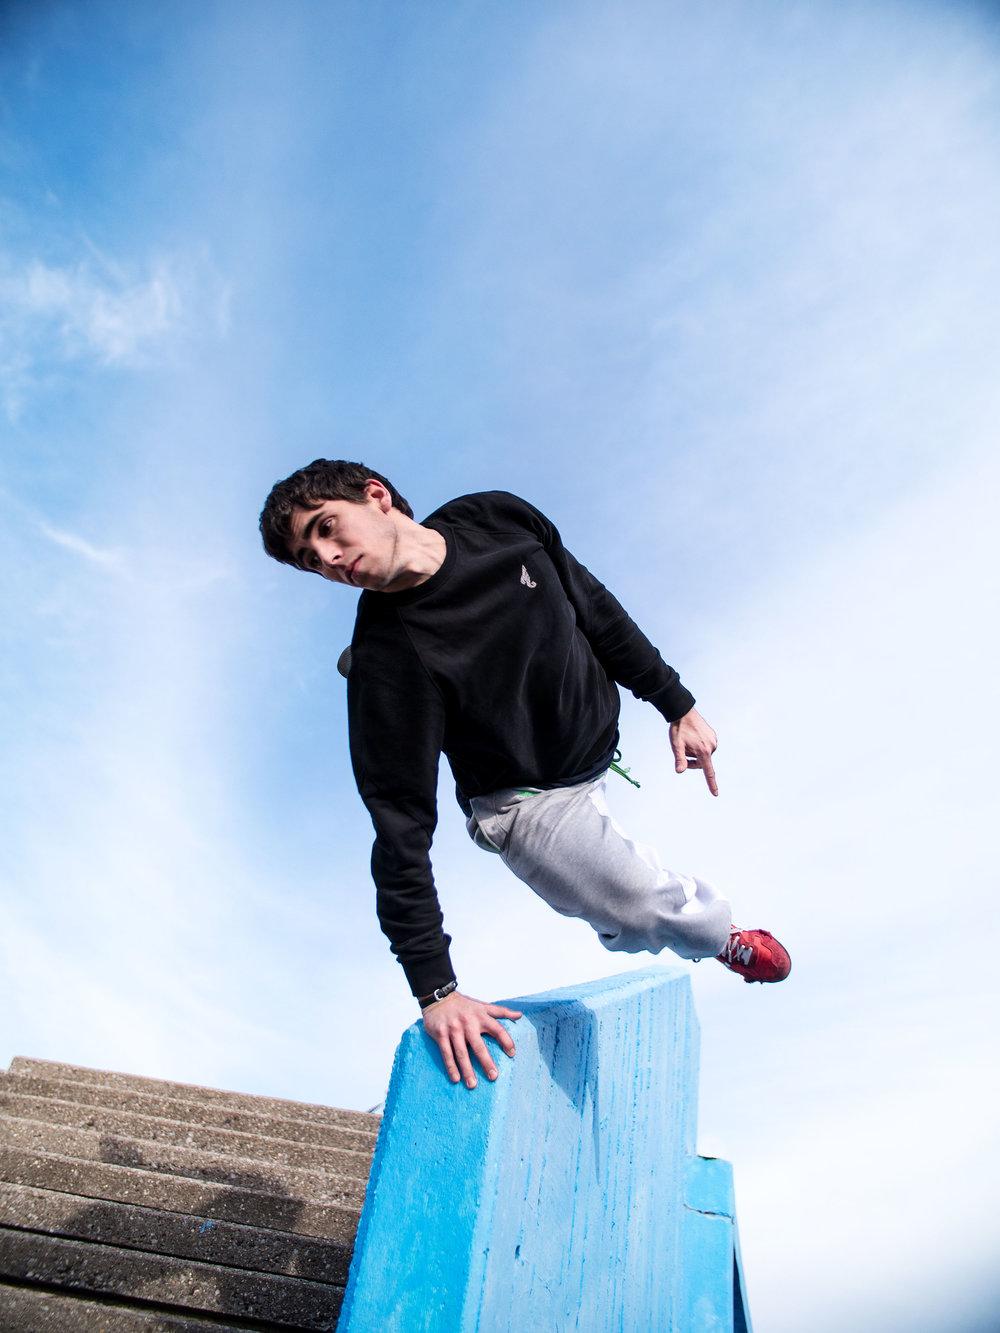 Jesse-Danger-Skochypstiks-Parkour-Freerunning